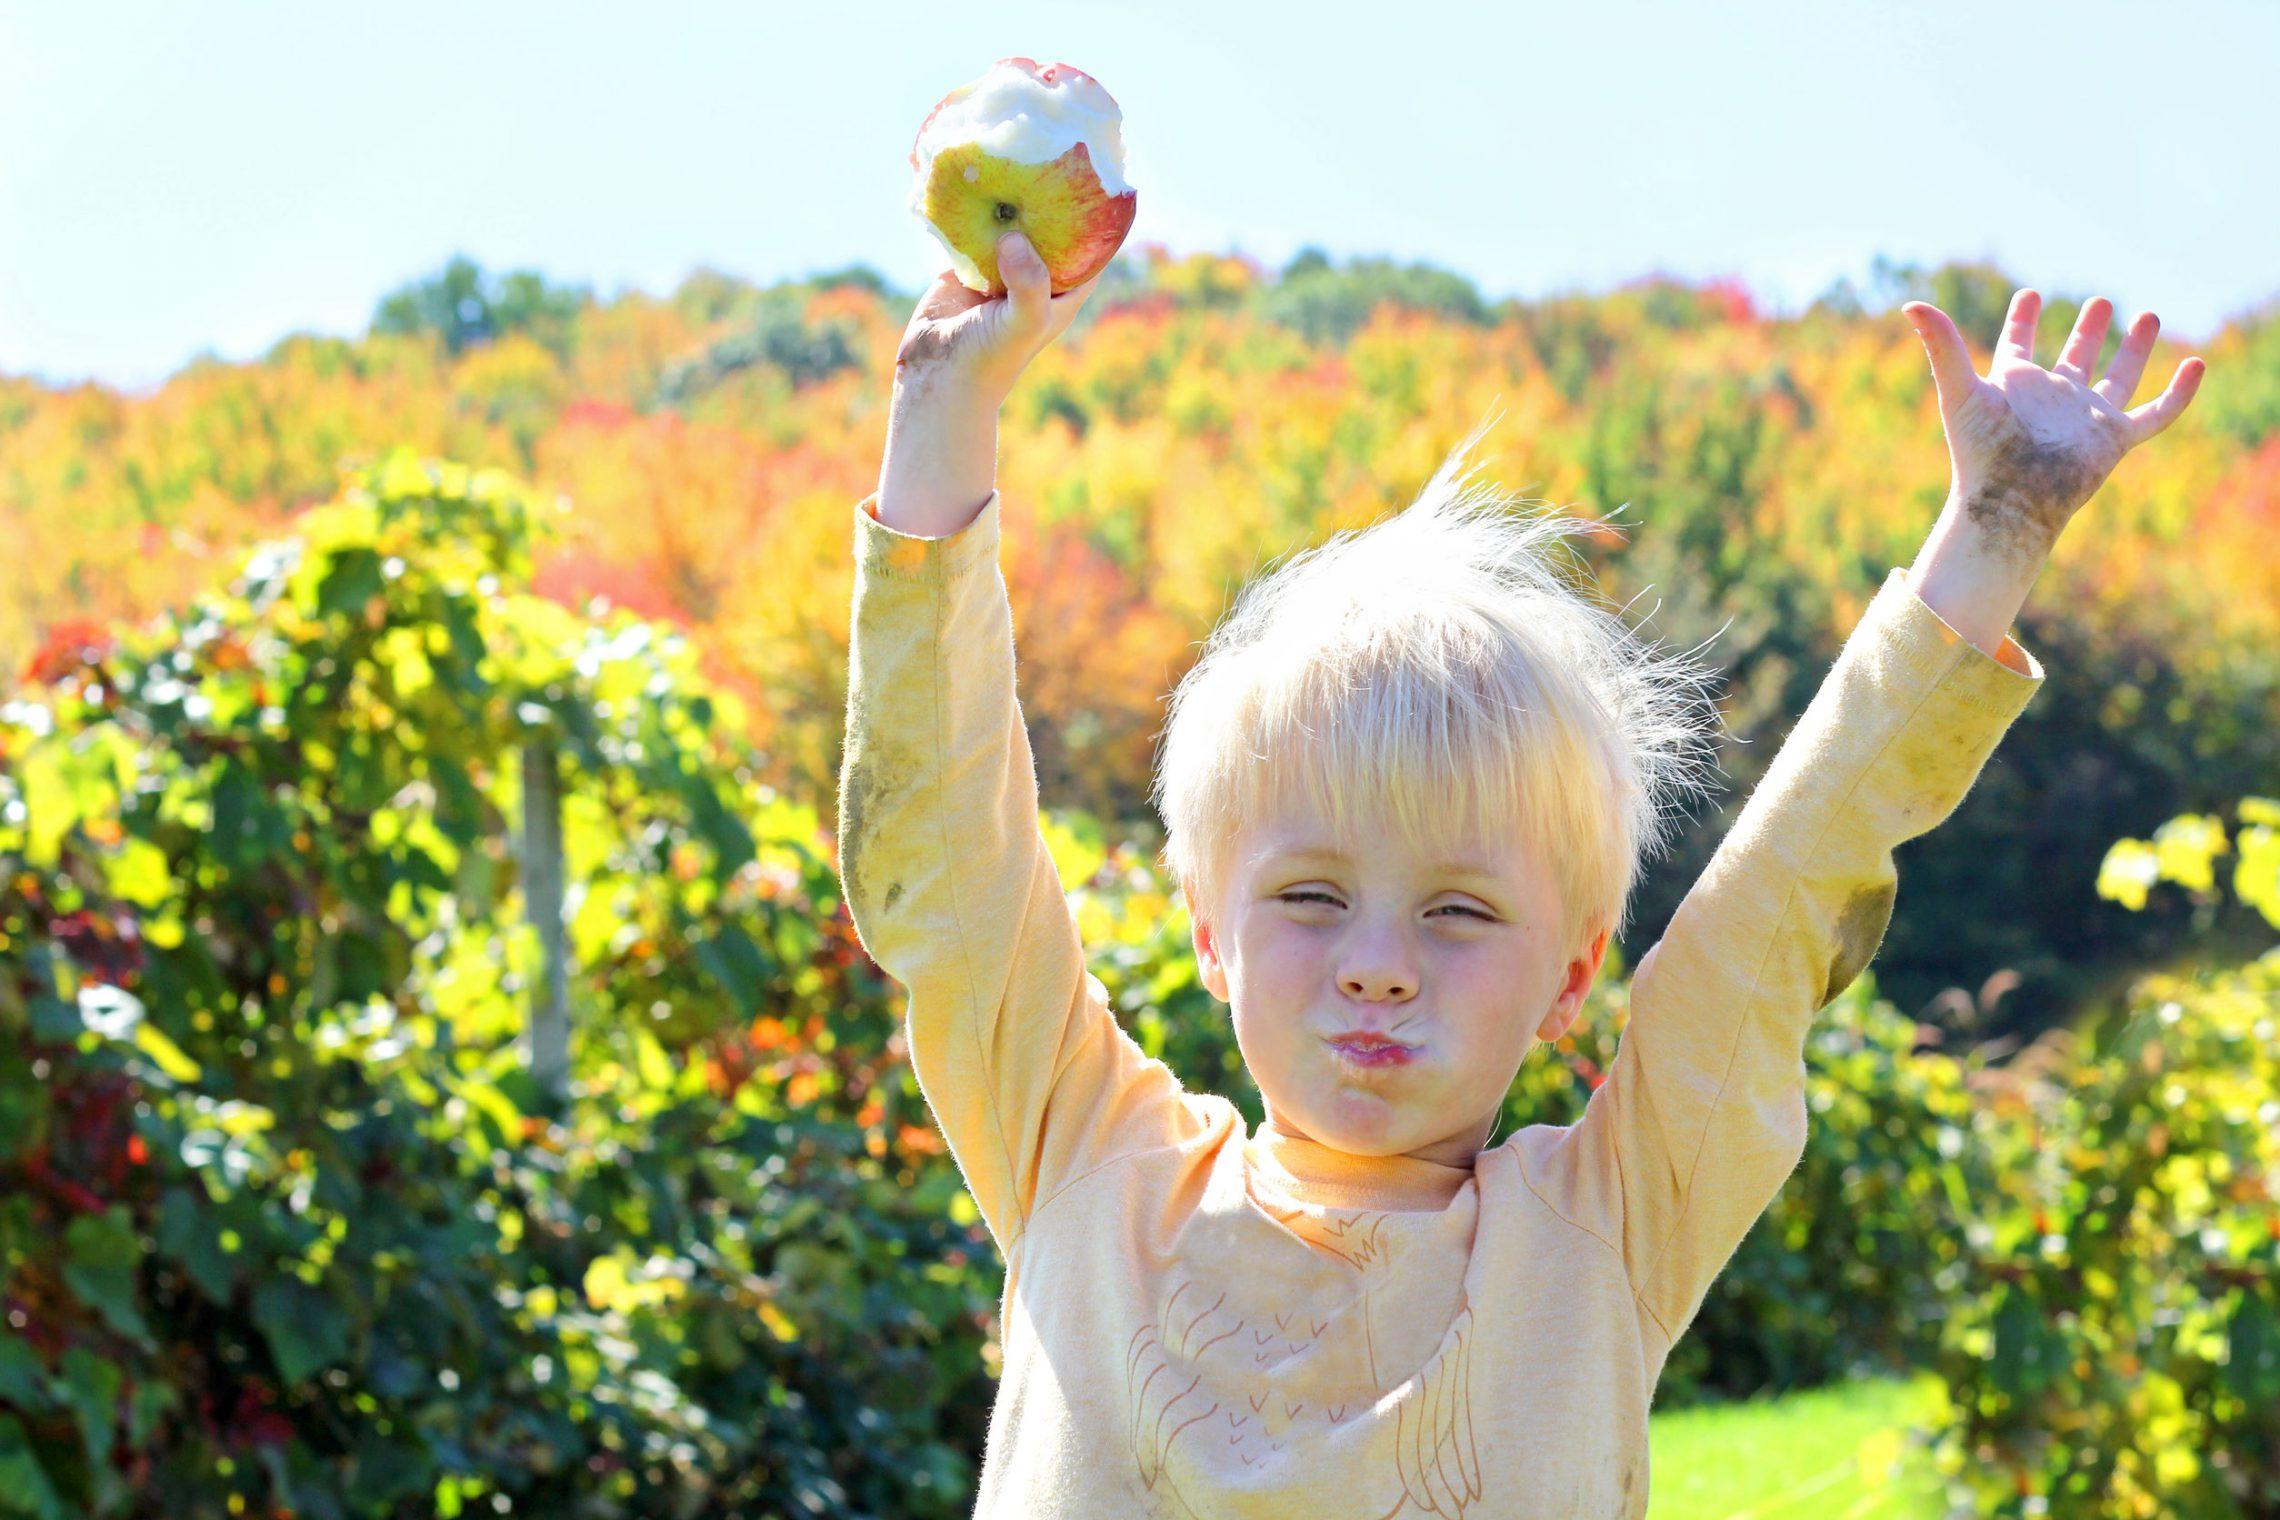 Zalecenia żywieniowe dla dzieci w wieku 1-3 lat